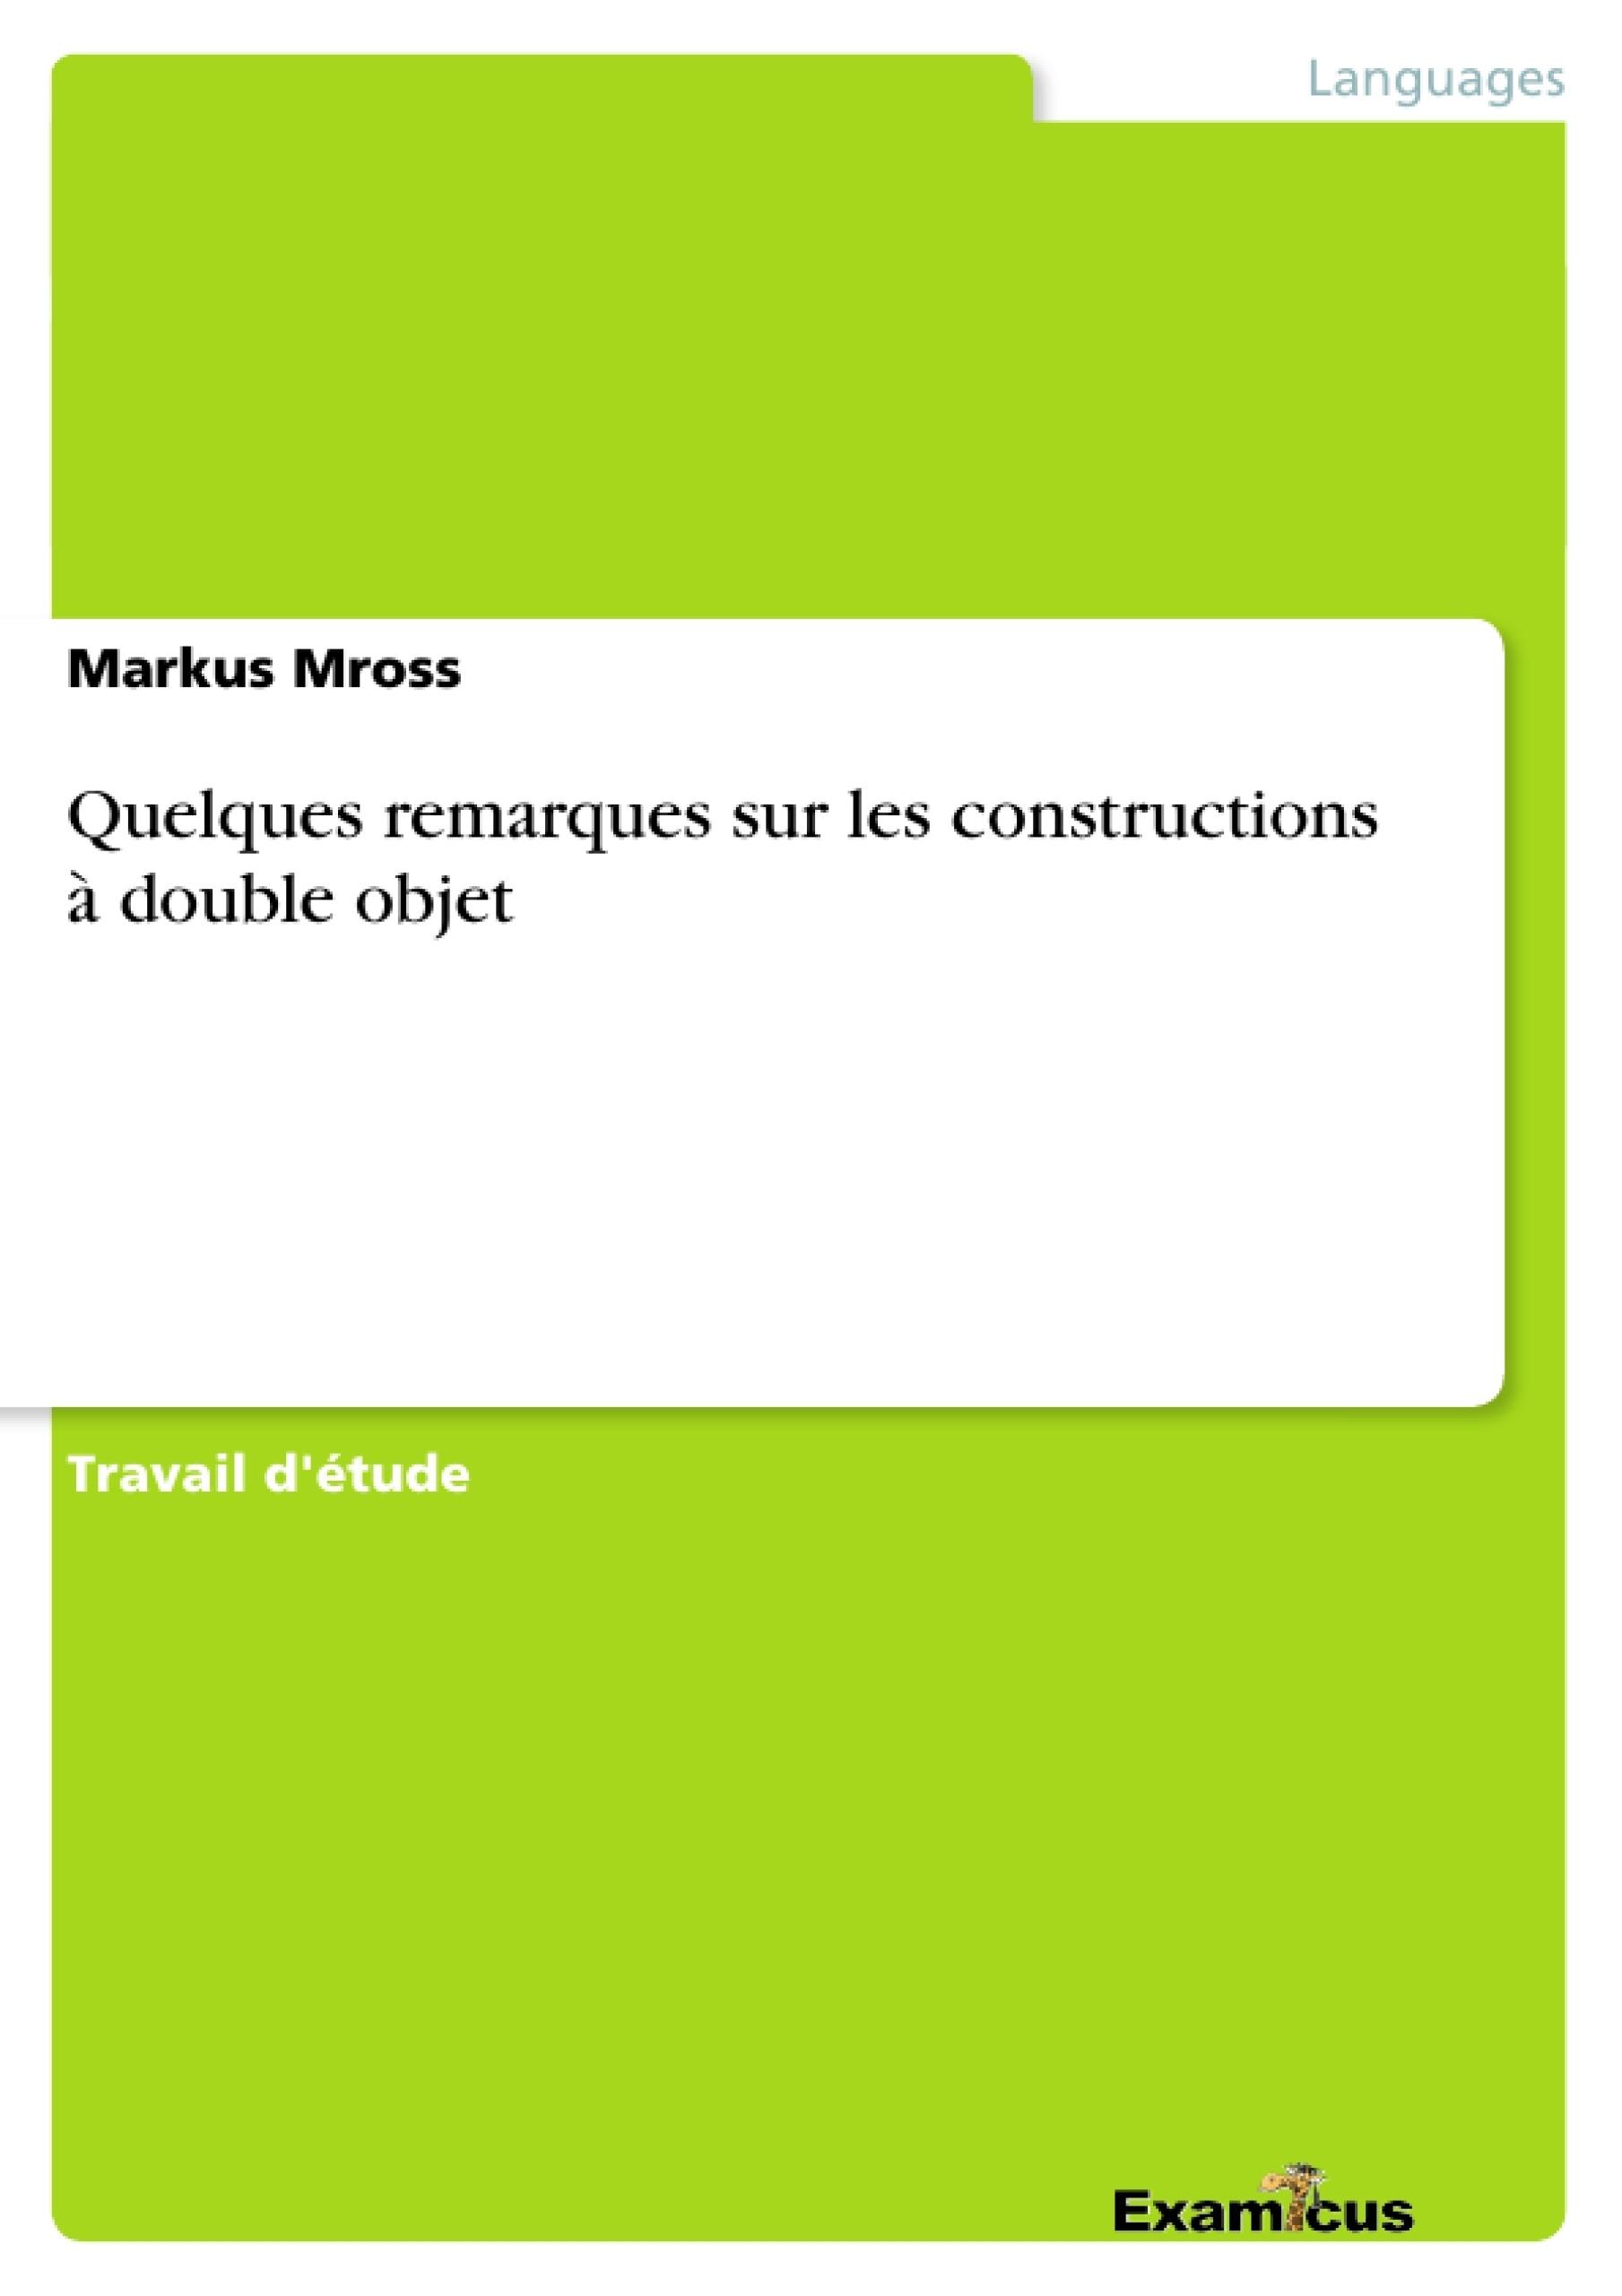 Titre: Quelques remarques sur les constructions à double objet